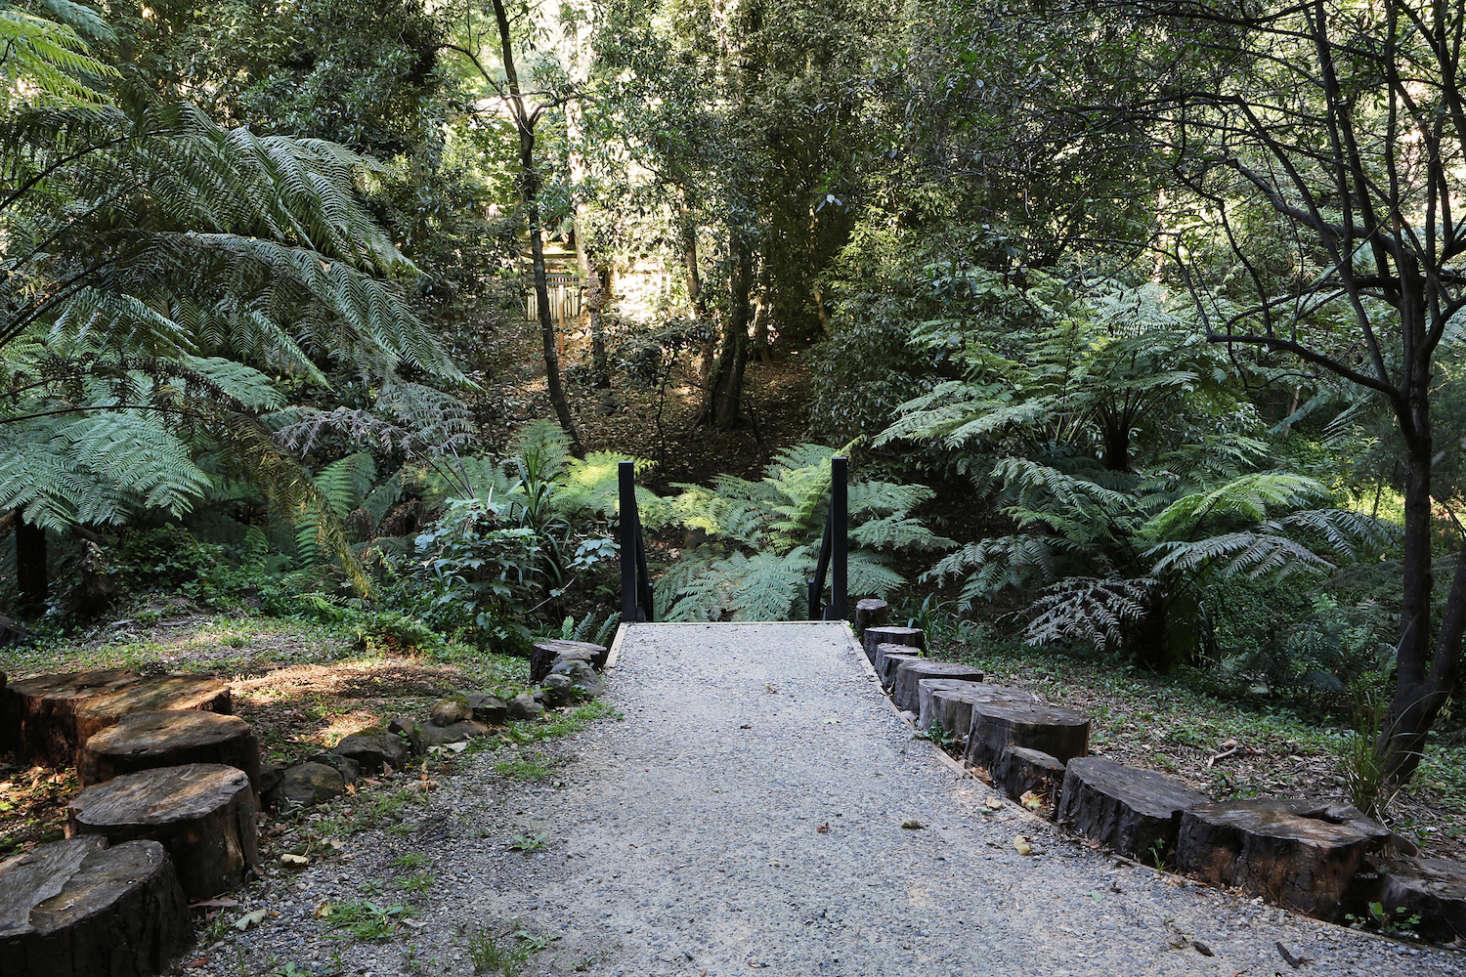 Afterthe half-acre landscape became Jacky Winter Gardens, Mueller was &#8